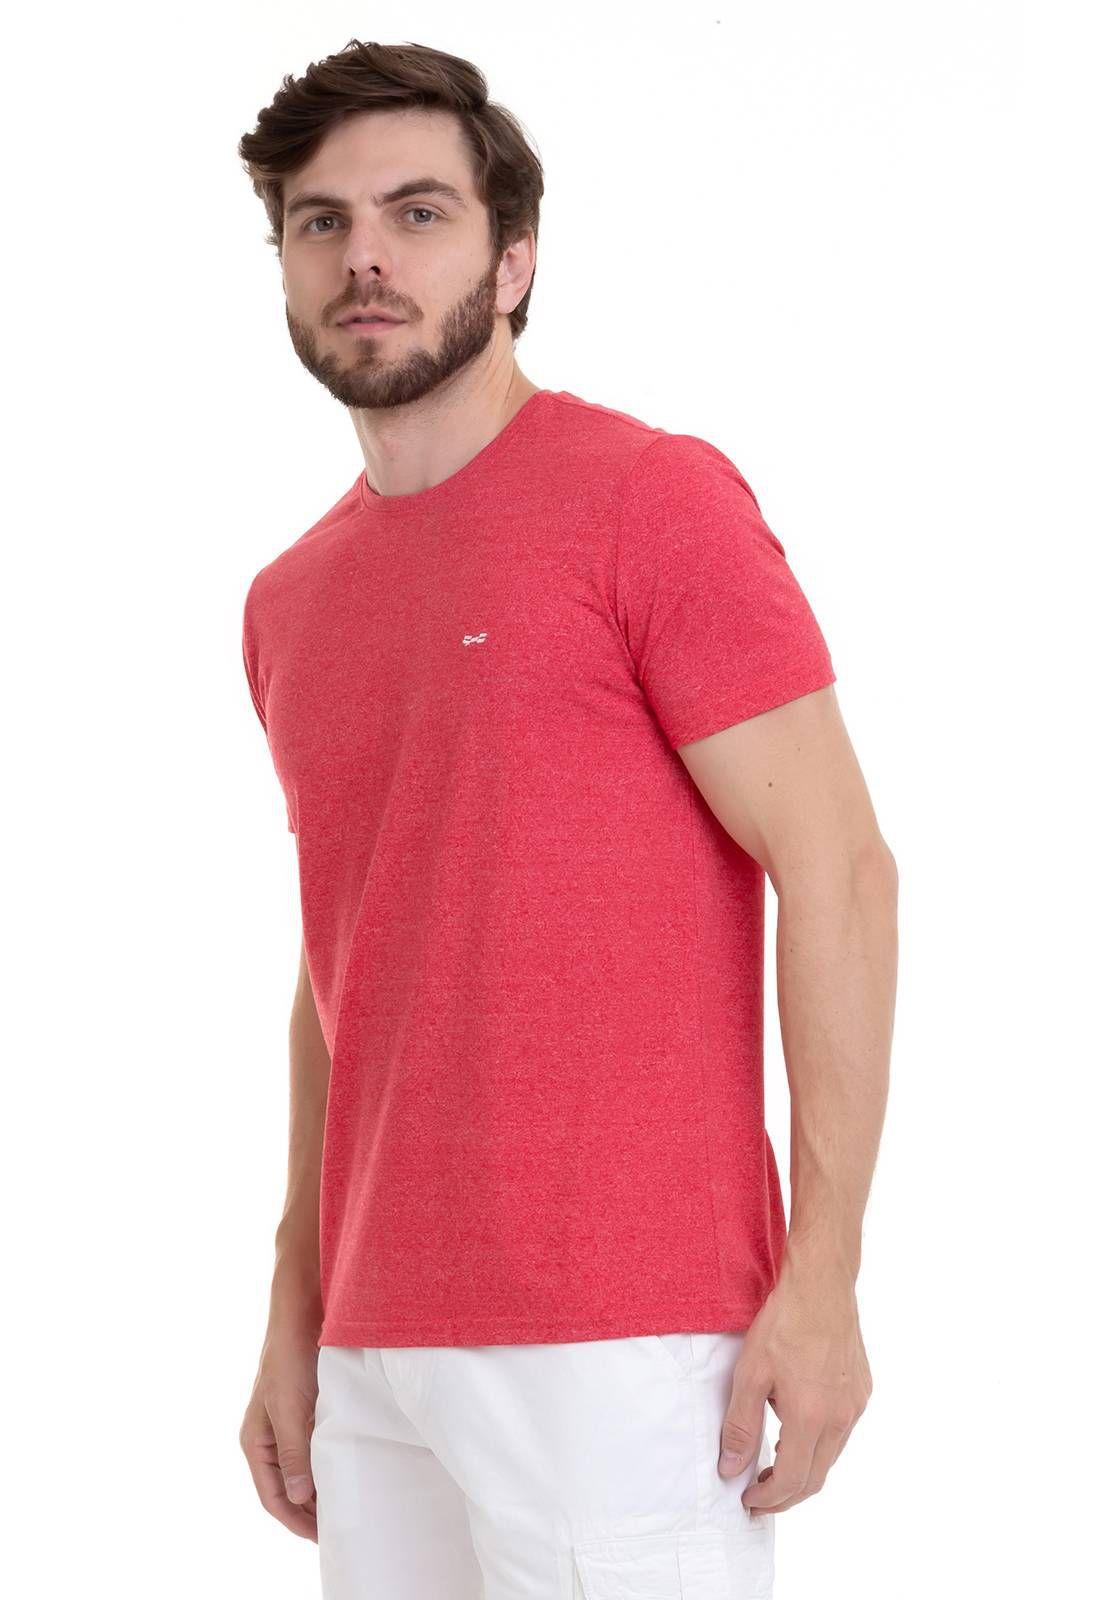 Camiseta Com Efeito Mescla Vermelha